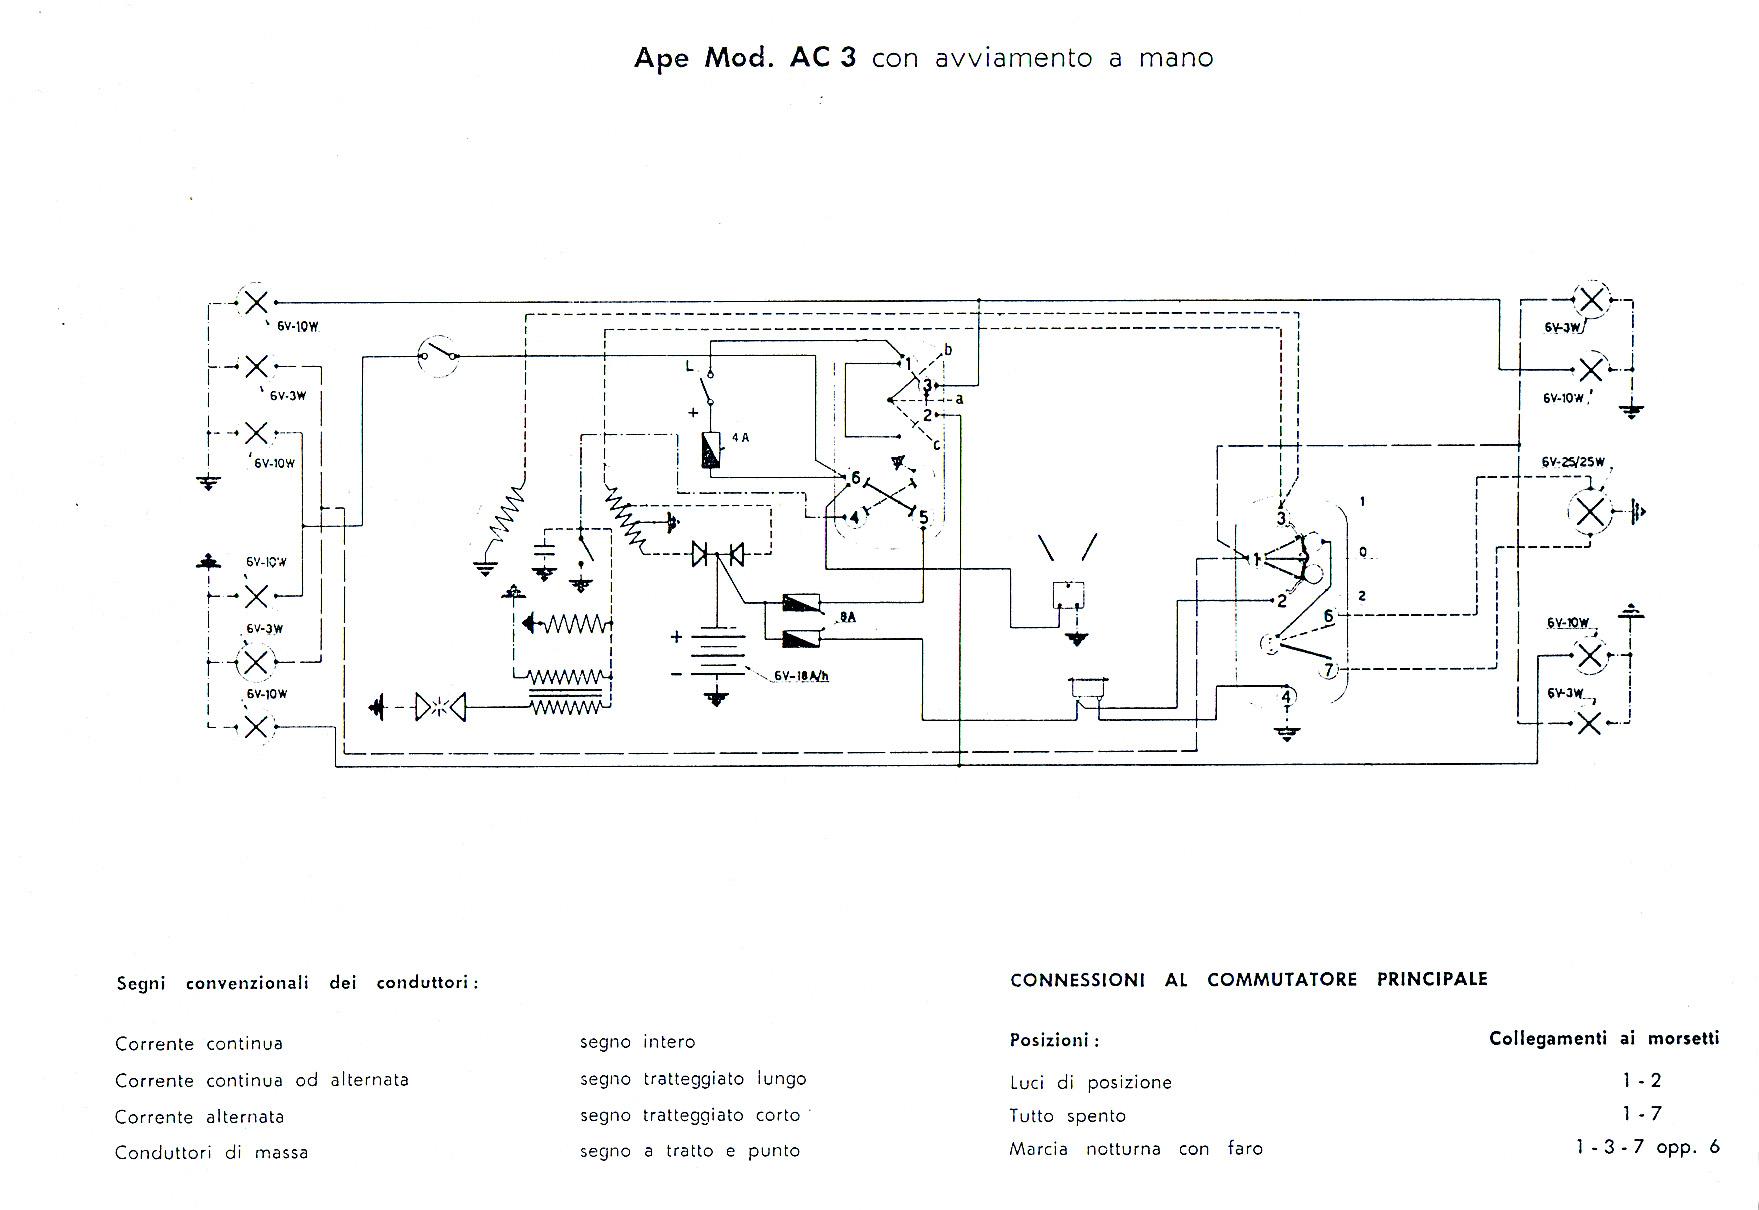 Schema Elettrico Ape 50 Monofaro : Tecnica ape piaggio ac